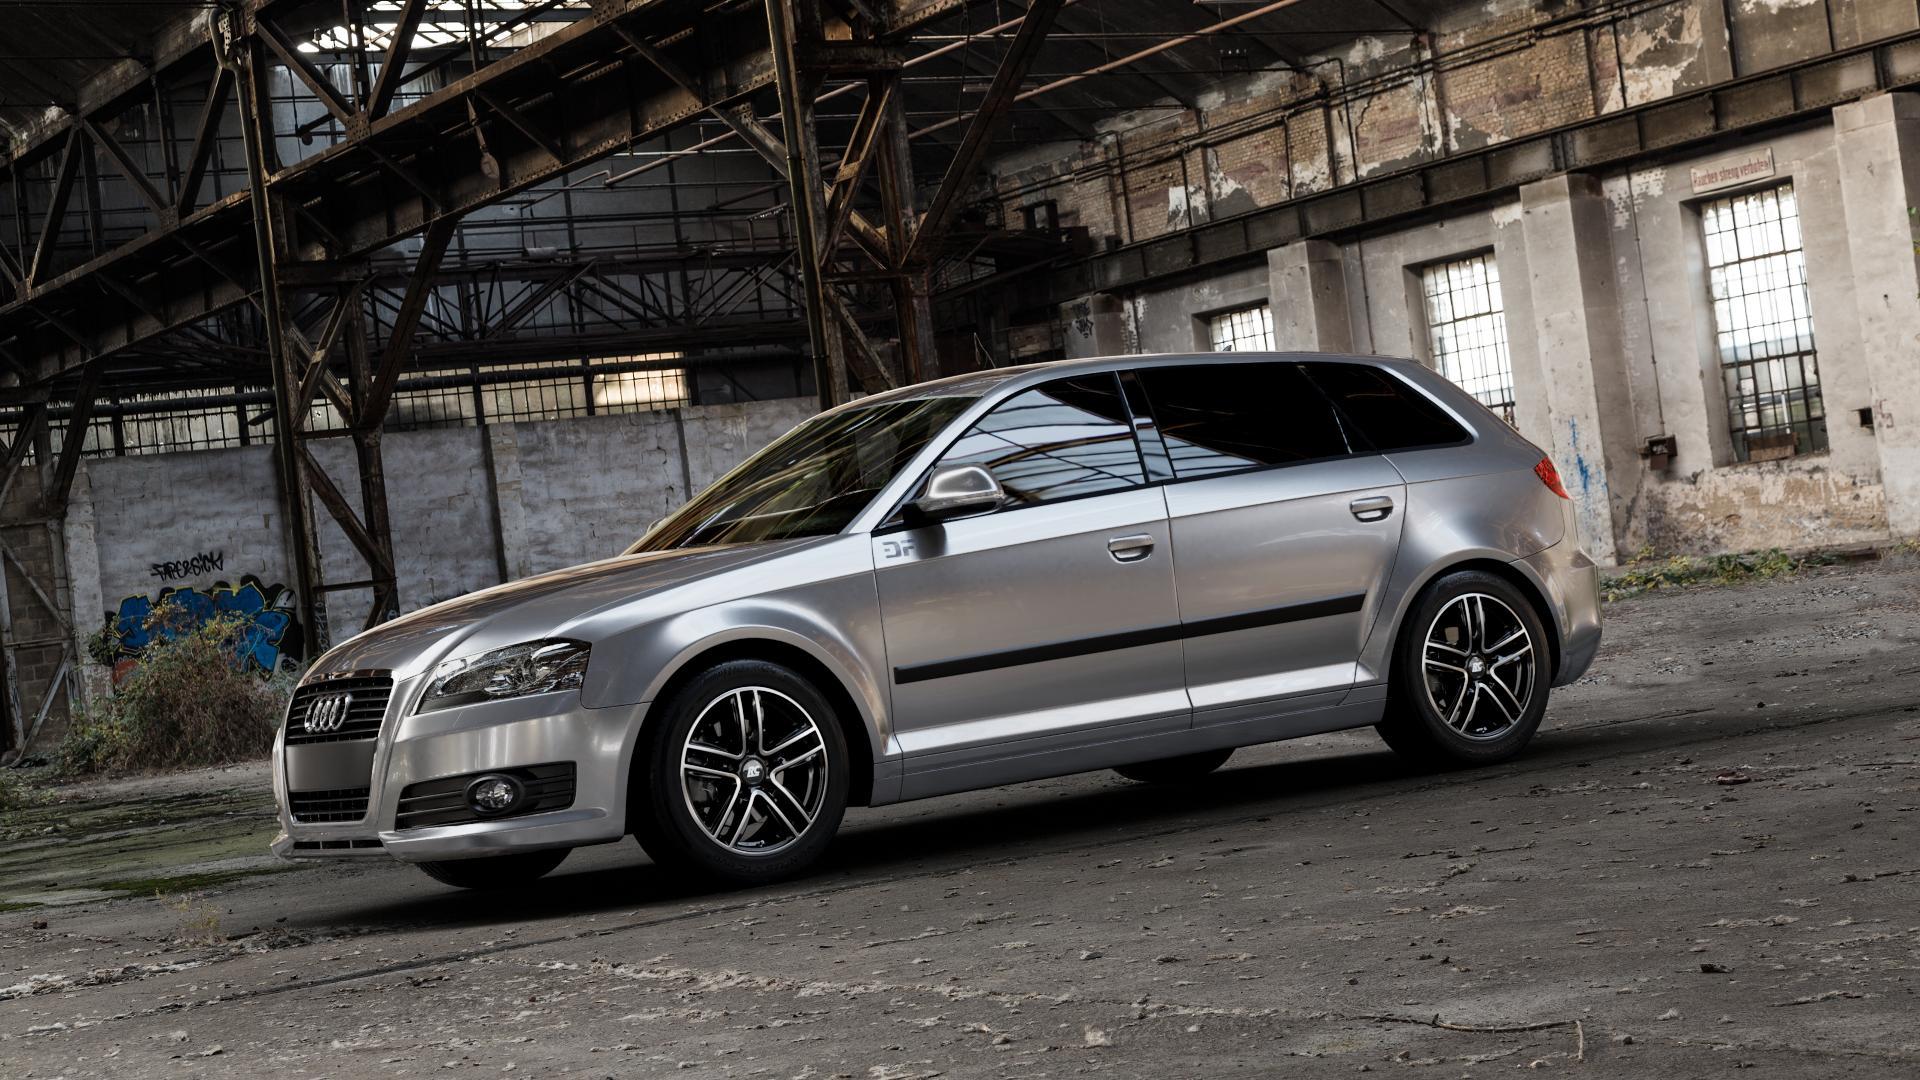 RC Design RC27 schwarz front-poliert Felge mit Reifen silber mehrfarbig in 16Zoll Winterfelge Alufelge auf silbernem Audi A3 Typ 8P (Sportback) 1,6l 75kW (102 PS) 2,0l FSI 110kW (150 1,9l TDI 77kW (105 103kW (140 TFSI 147kW (200 85kW (116 100kW (136 1,8l 118kW (160 125kW (170 1,4l 92kW (125 120kW (163 quattro 3,2l V6 184kW (250 S3 195kW (265 1,2l 66kW (90